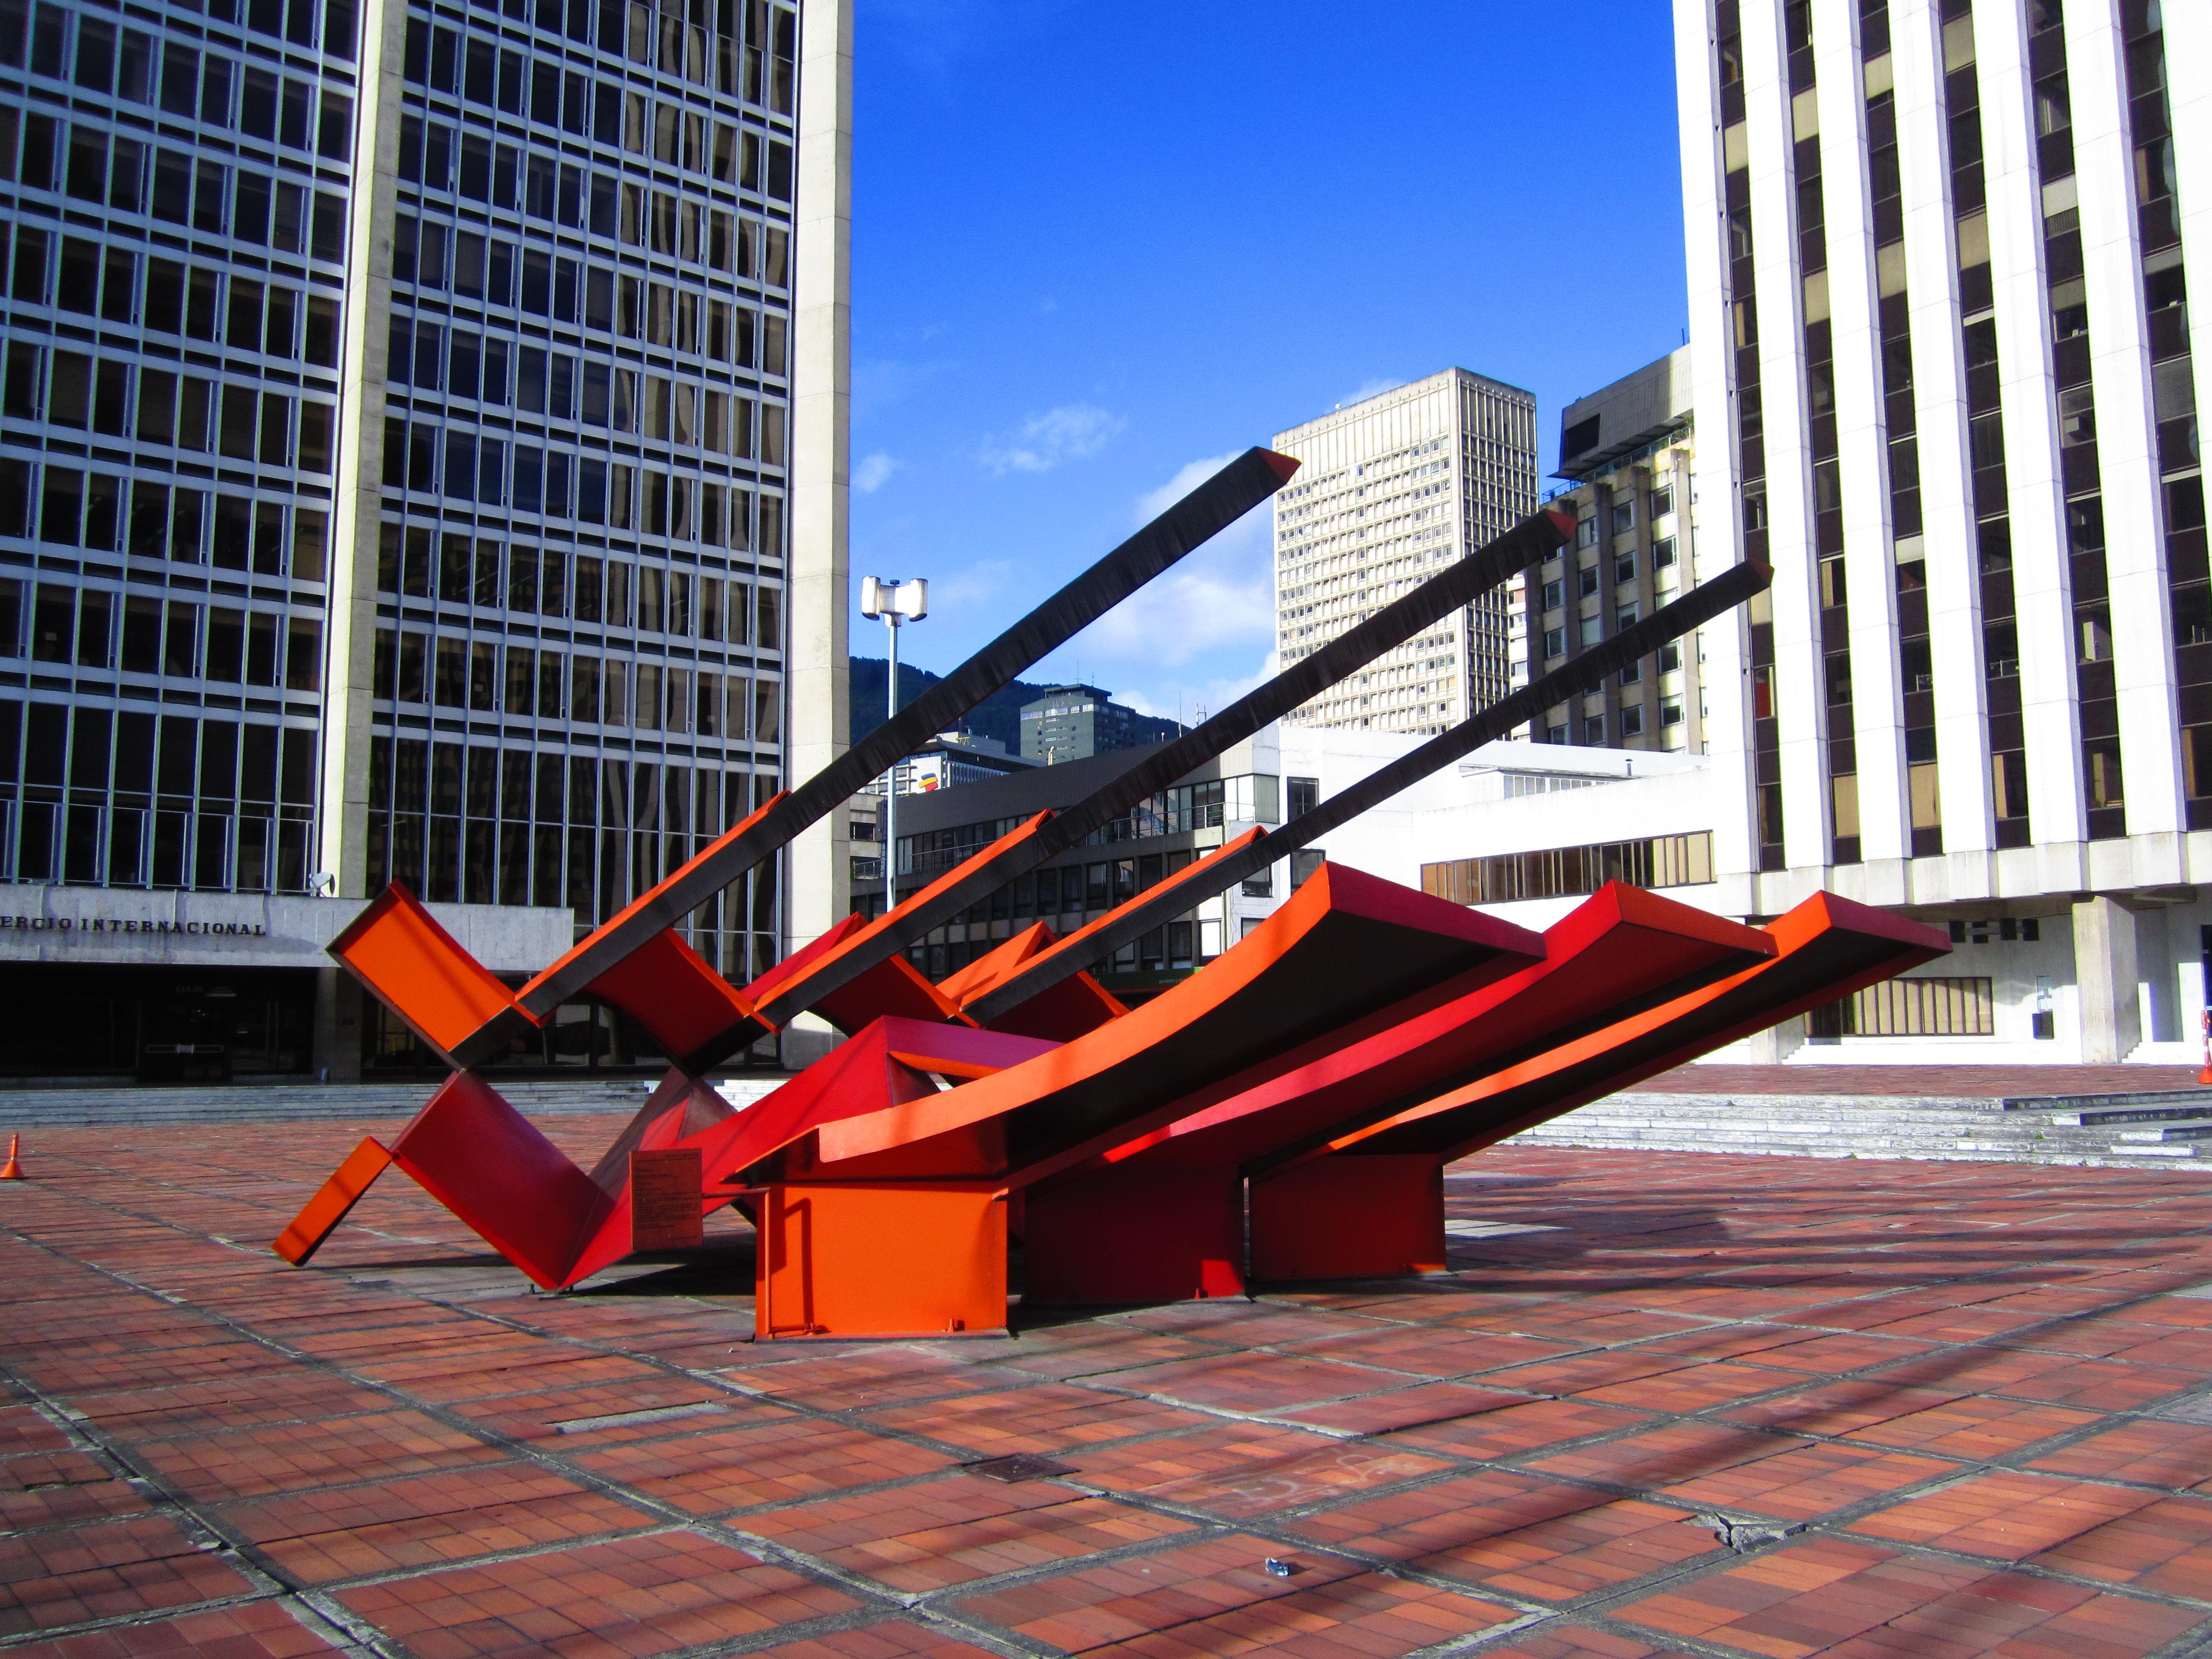 Archivo:Bogotá Ramírez Villamizar escultura Nave Espacial.JPG ...